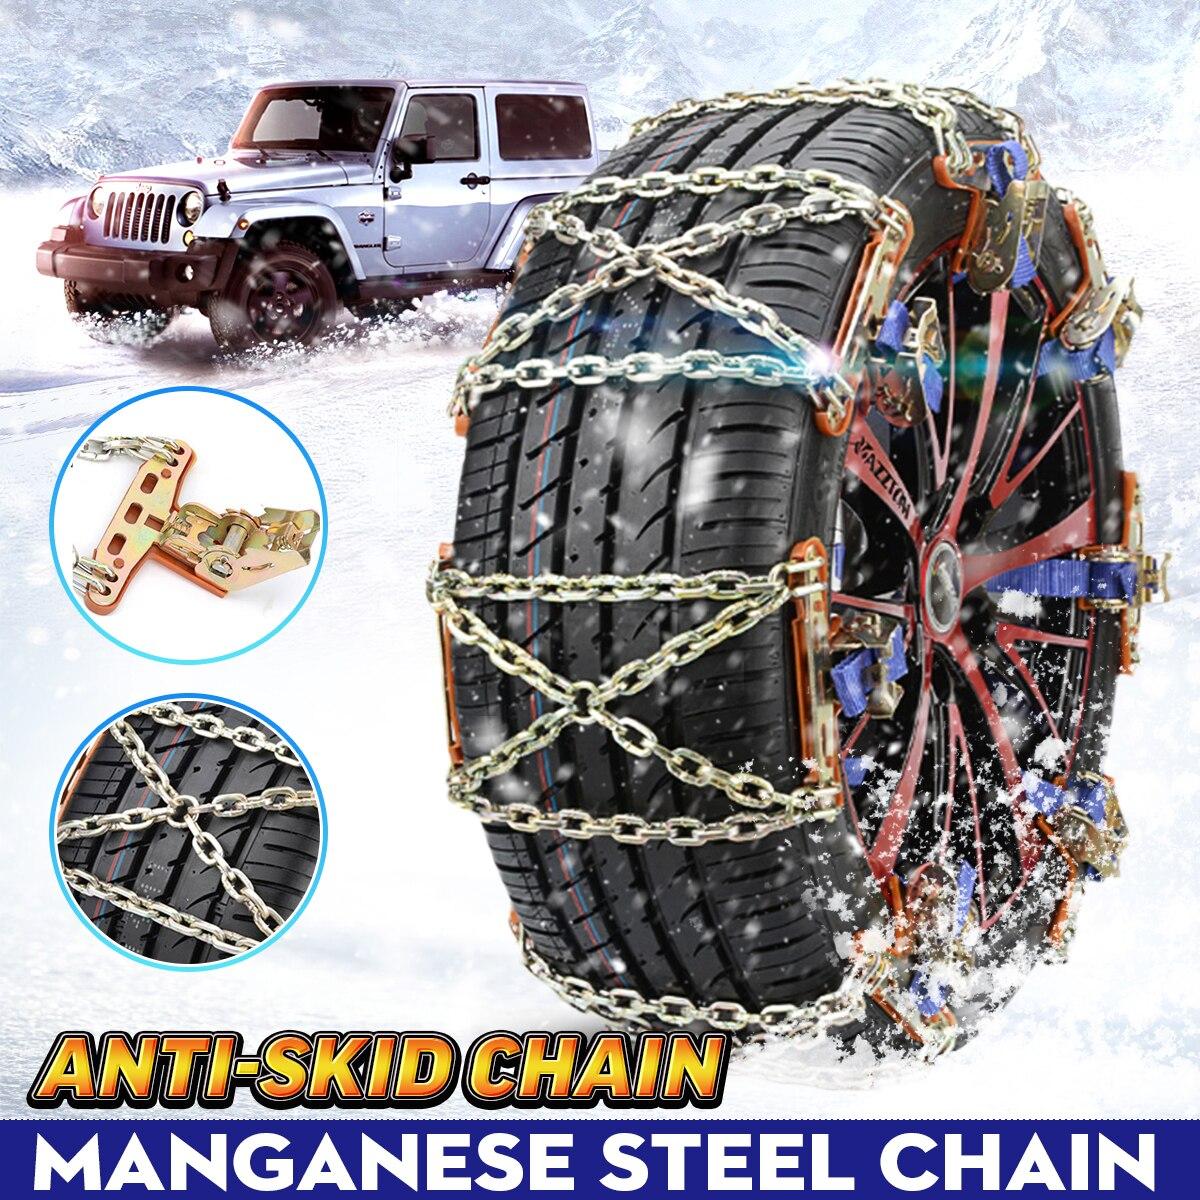 Evrensel çelik kamyon araba tekerlekleri lastik kar buz zincirleri kemer kış Anti-skid araçlar SUV tekerlek zinciri çamur yol güvenli güvenlik